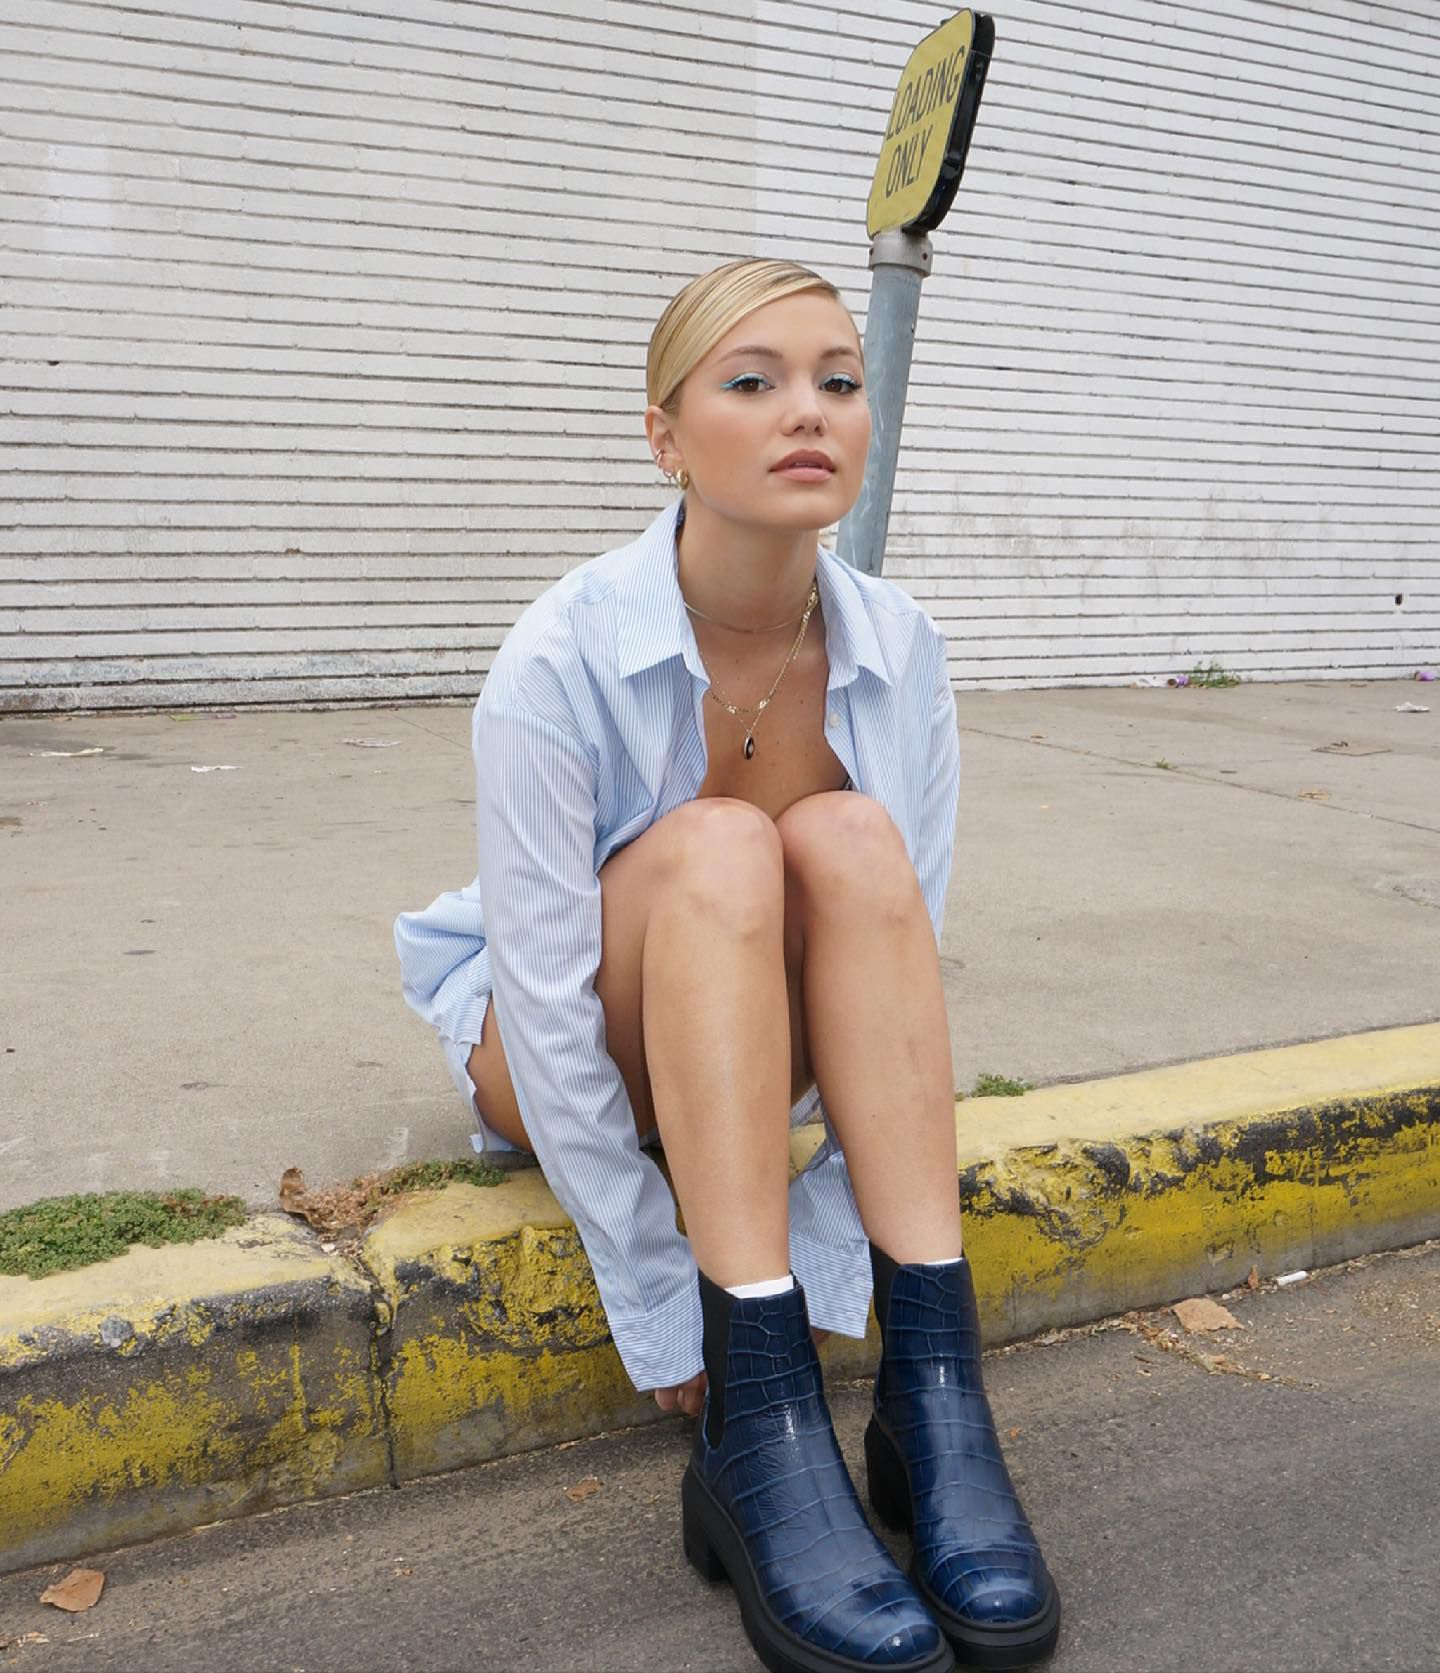 Olivia Holt Beautiful Photoshoot